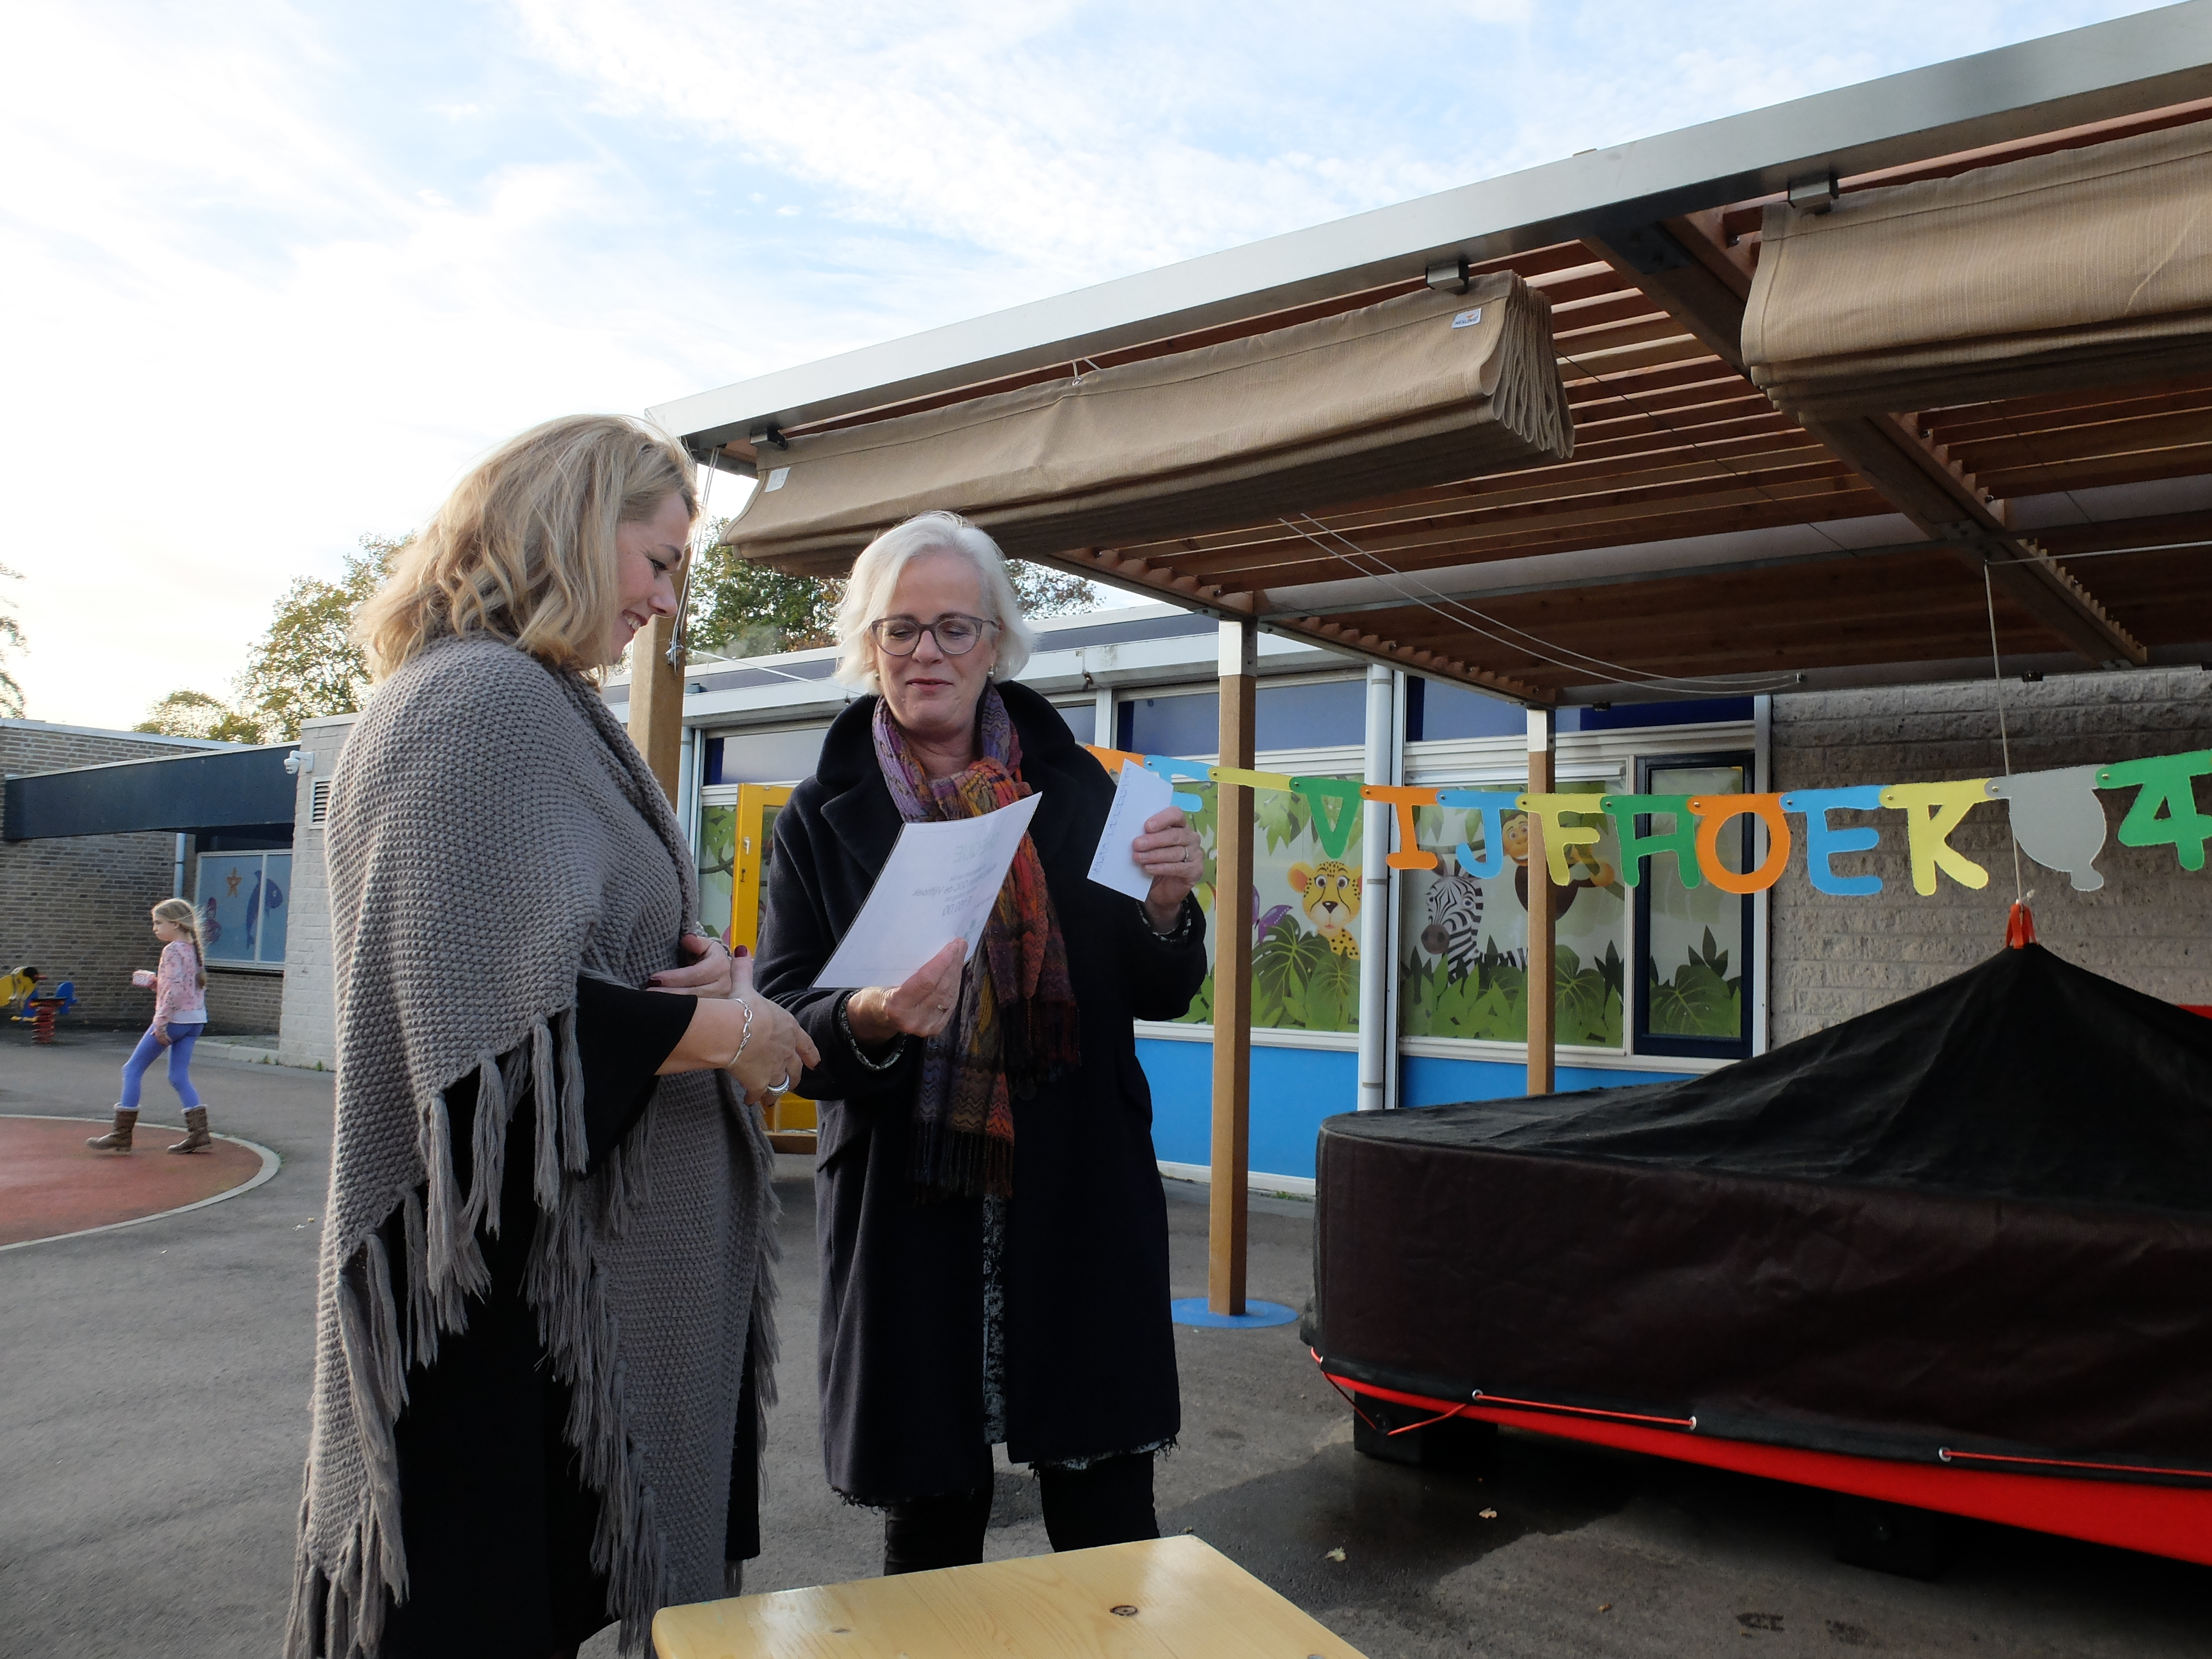 Teamleider Angelique Besseling van De Waerden (l) ontvangt een jubileumcadeau namens de gemeente Heiloo van wethouder jeugdzorg Elly Beens. (Foto: aangeleverd)